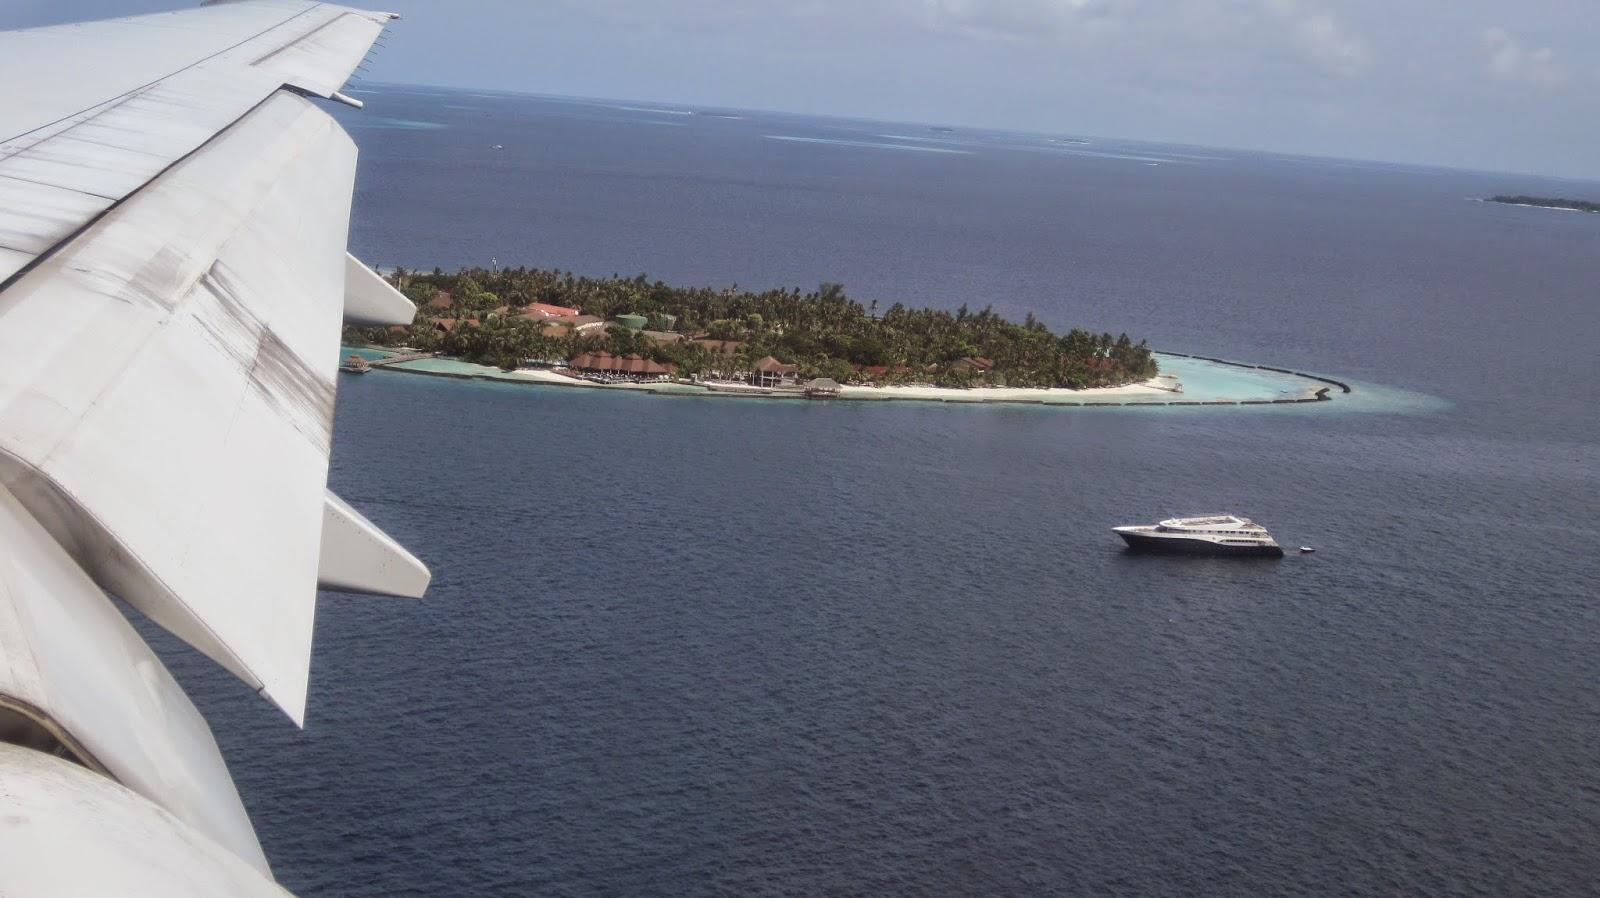 Atolón de Las Maldivas desde el aire